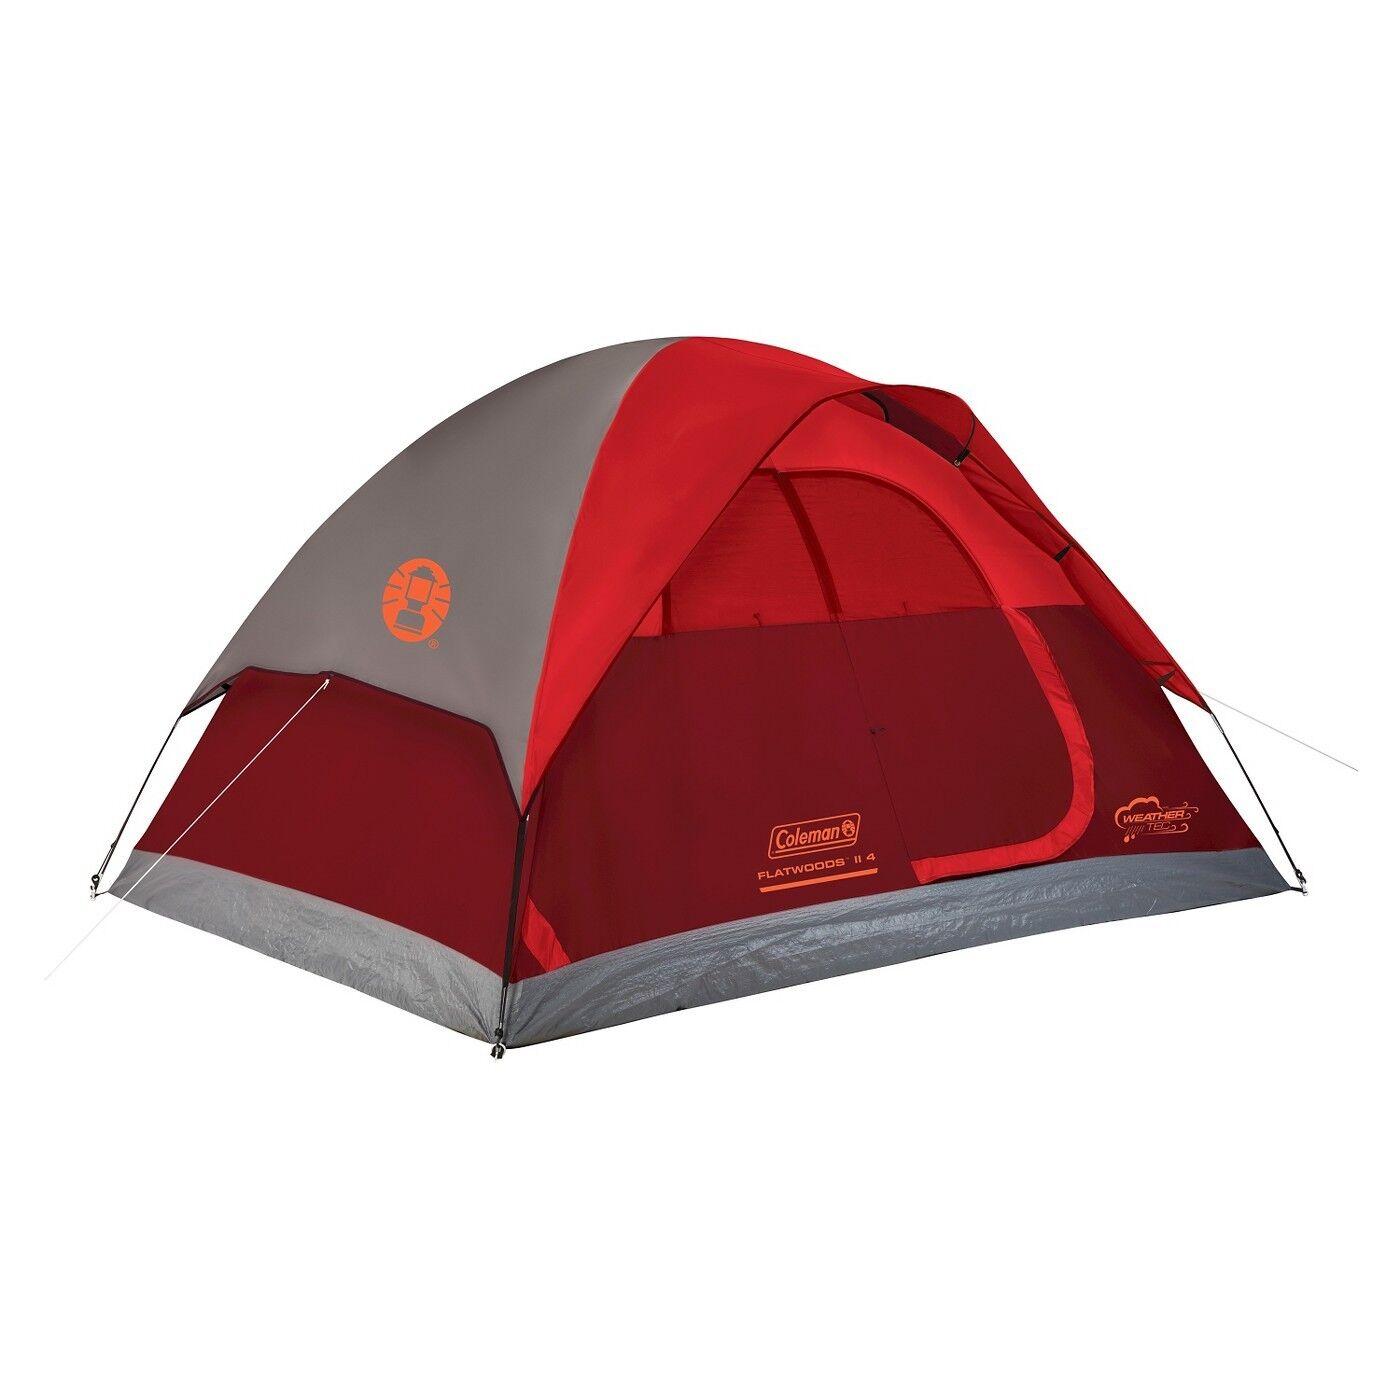 Coleman Flatwoods II 4 Person Kuppel Zelt Wetter Tec 10 Minute Anordnung